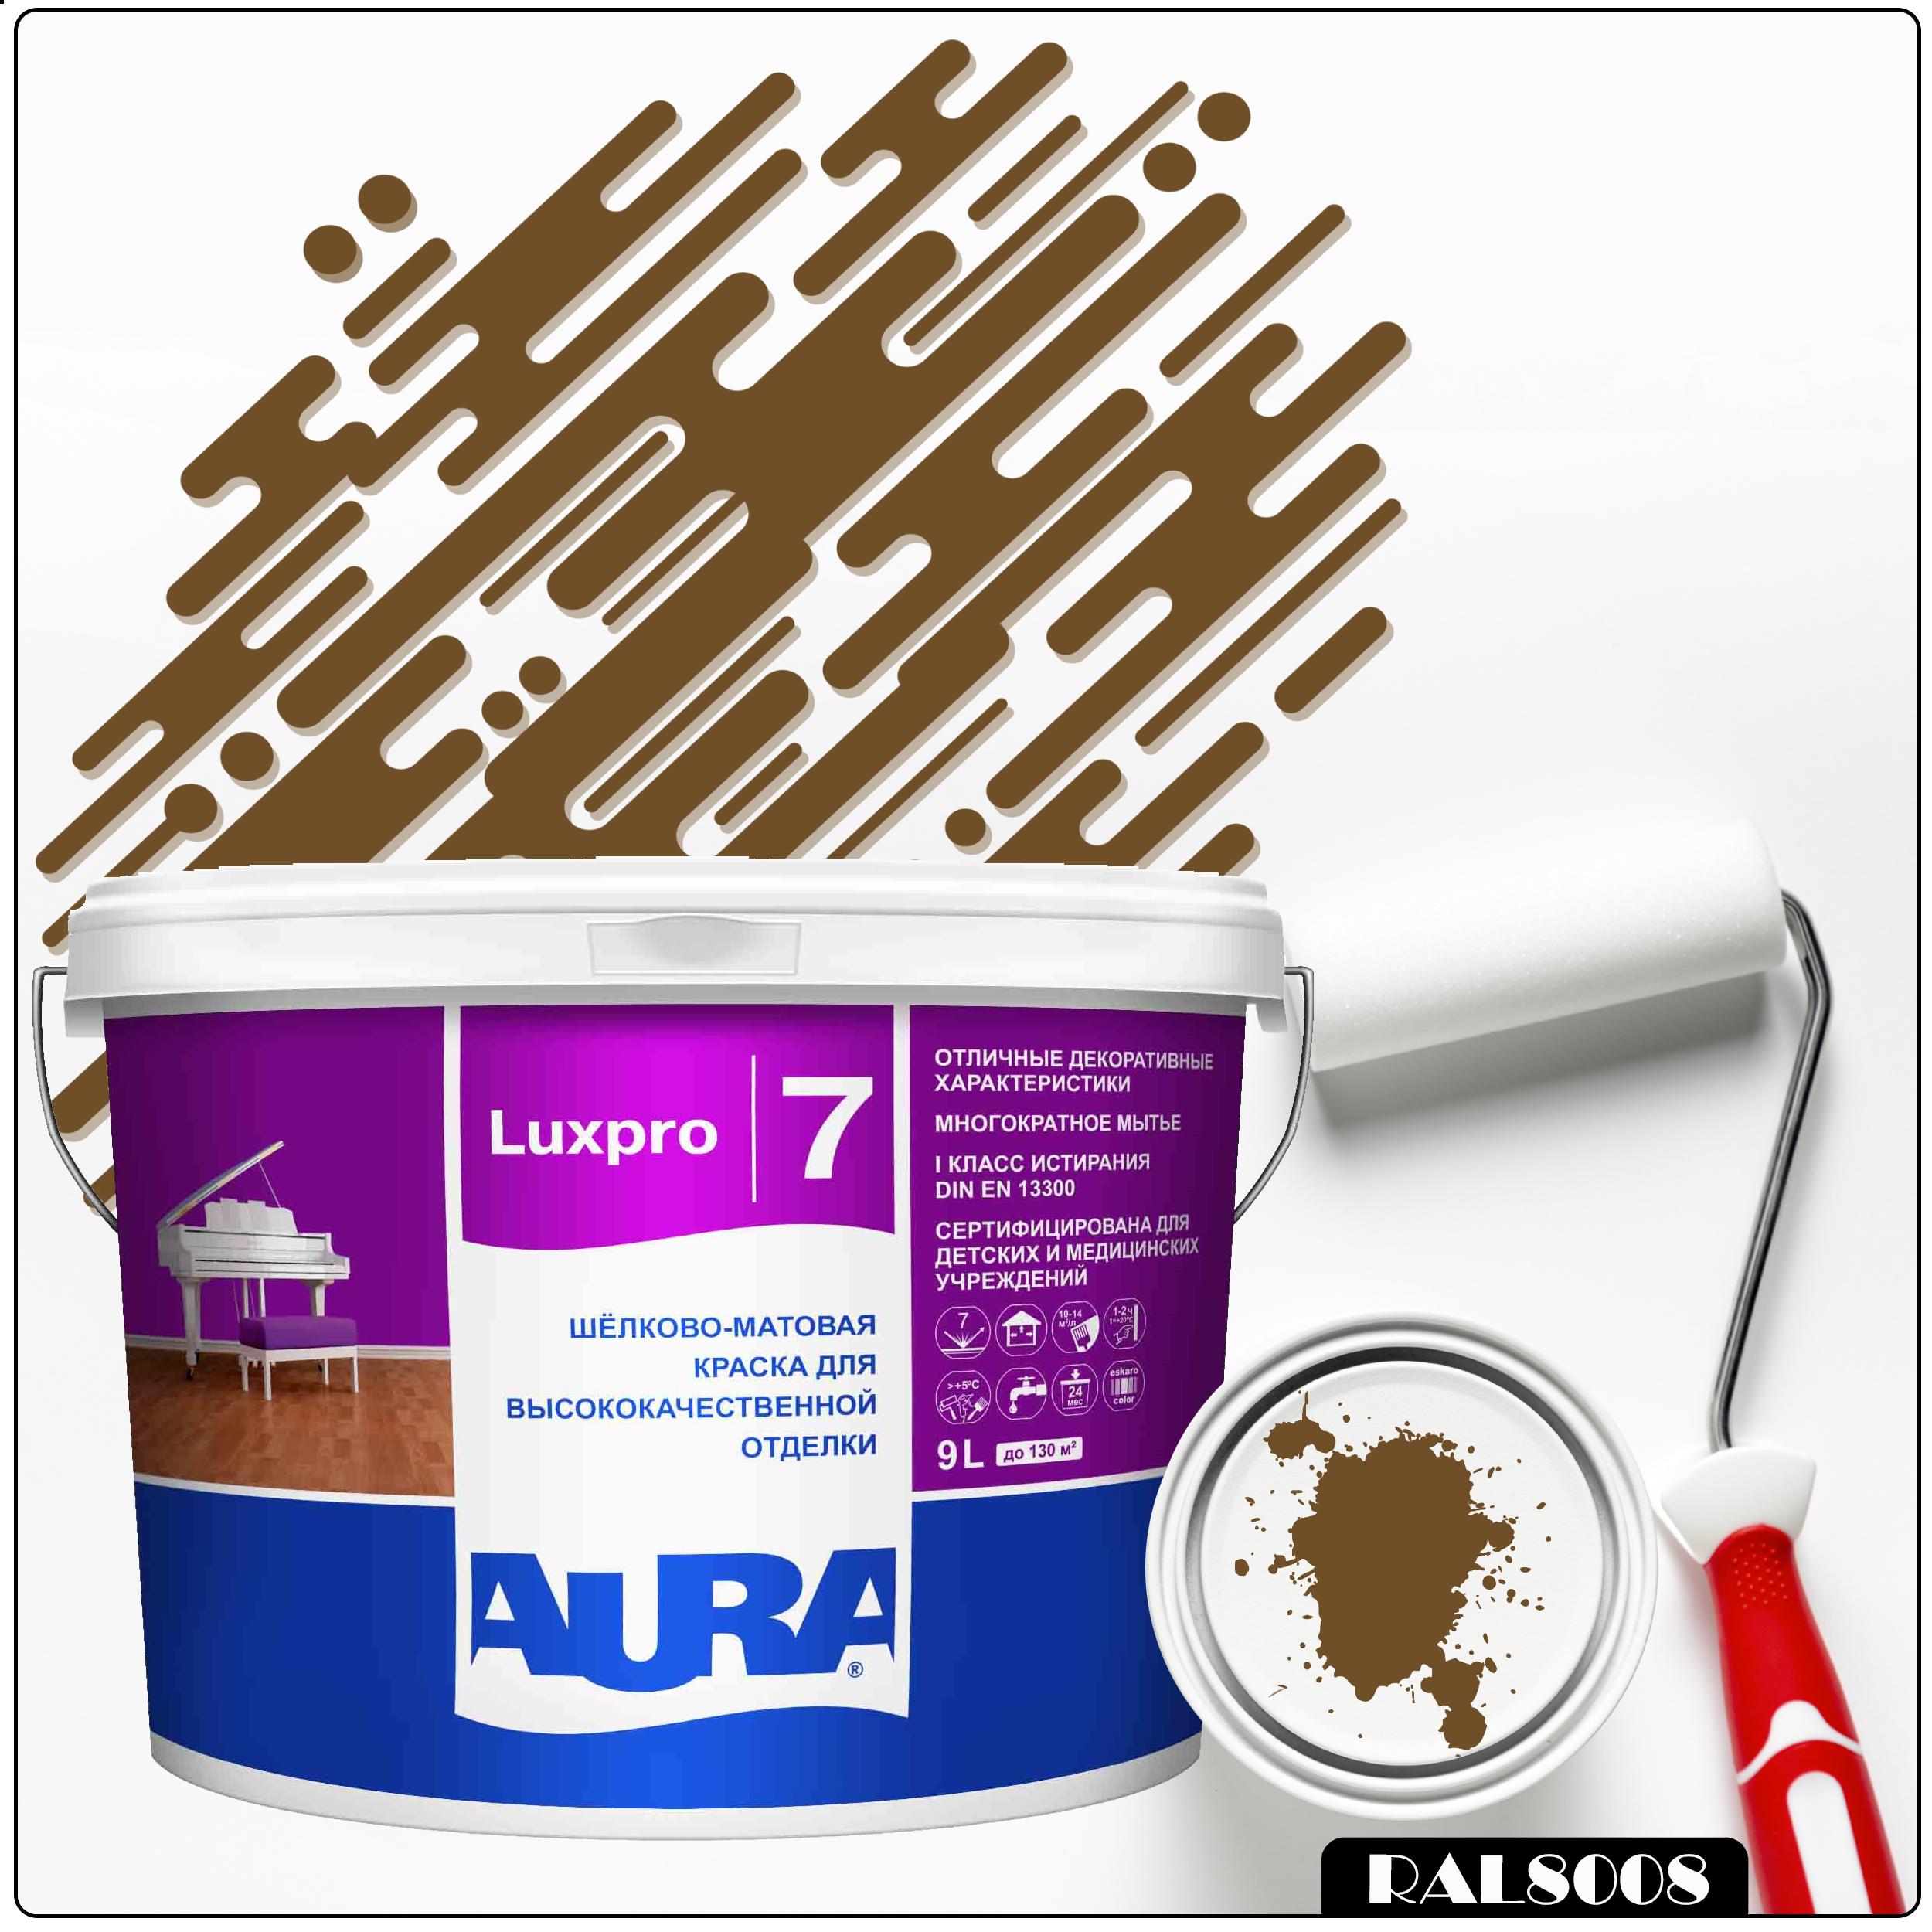 Фото 7 - Краска Aura LuxPRO 7, RAL 8008 Оливково-коричневый, латексная, шелково-матовая, интерьерная, 9л, Аура.